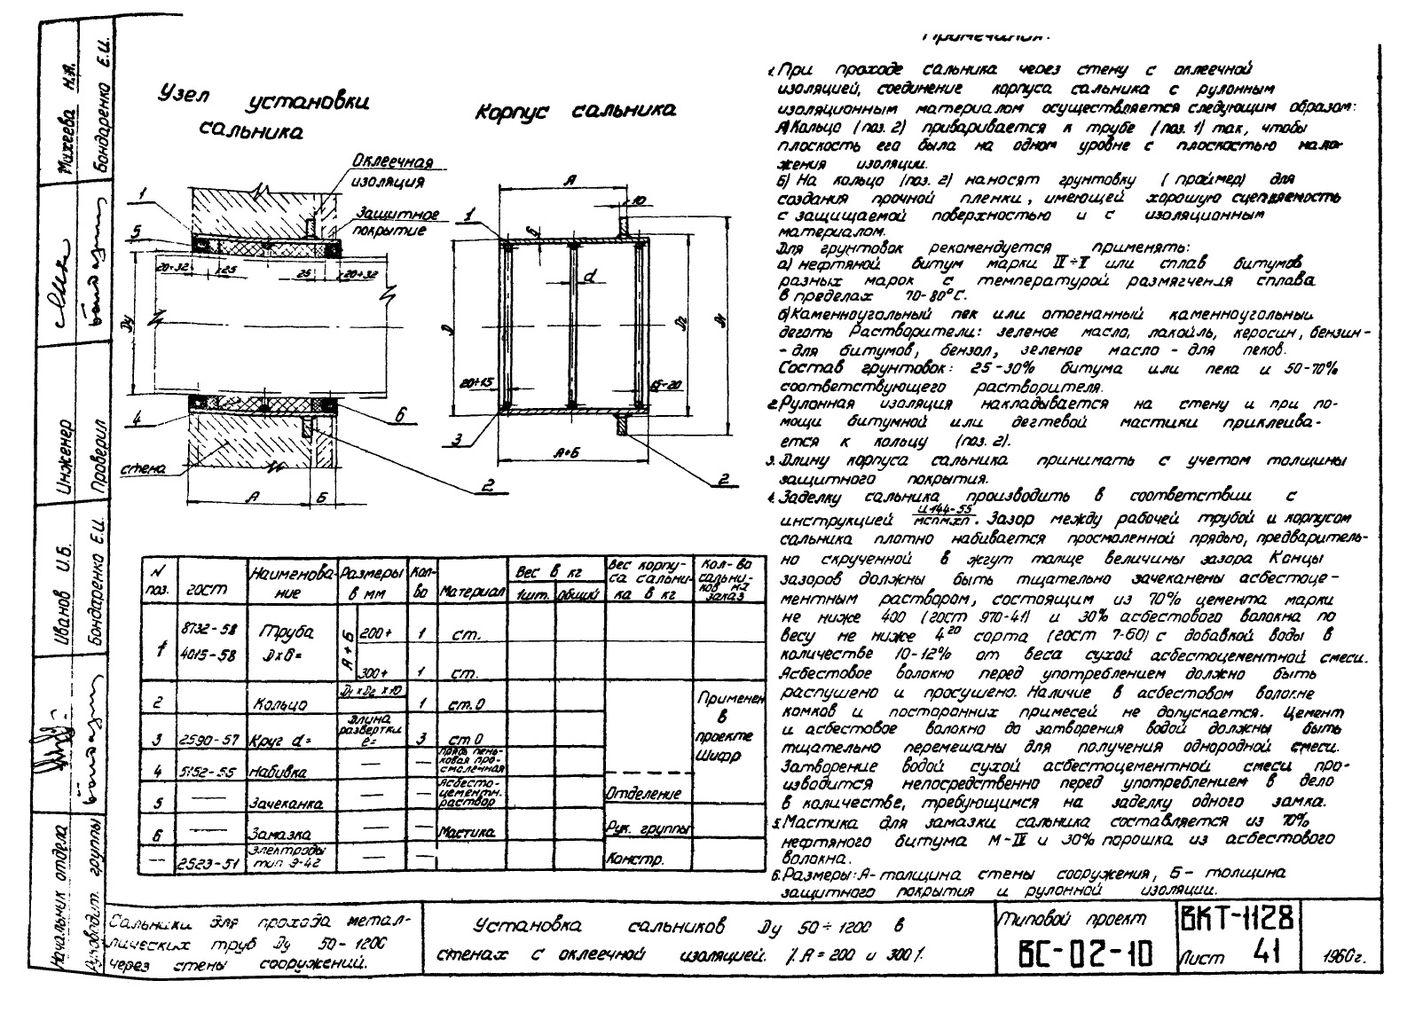 Сальники набивные L = 300 мм типовой проект ВС-02-10 стр.20